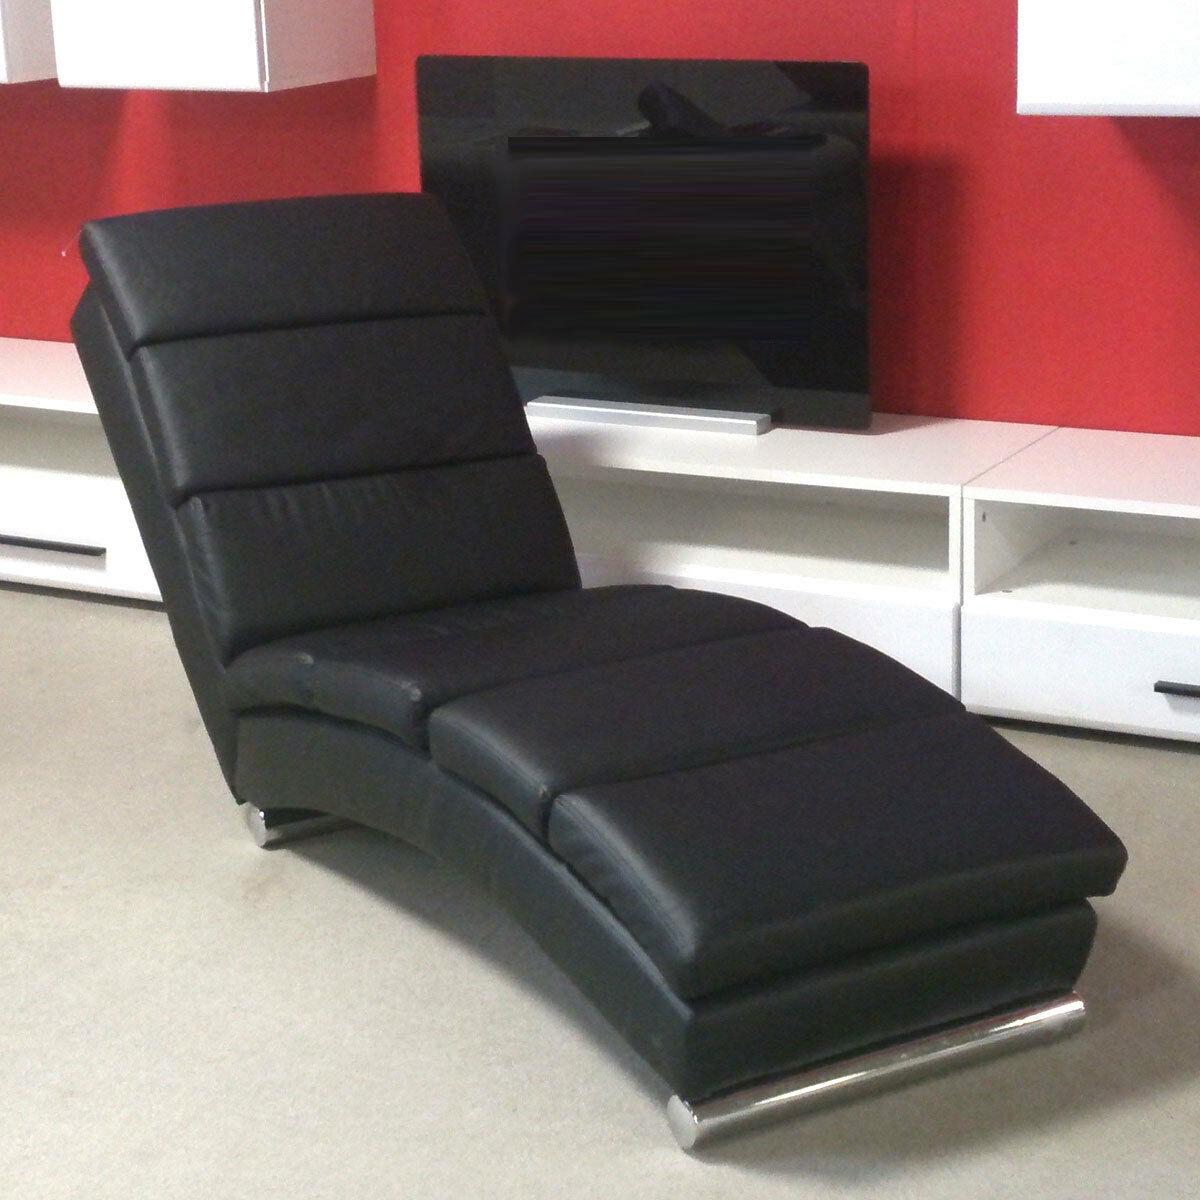 Full Size of Liegesessel Verstellbar Ikea Elektrisch Verstellbare Garten Liegestuhl Relaxsessel Mit Aufstehhilfe Die Sofa Verstellbarer Sitztiefe Wohnzimmer Liegesessel Verstellbar